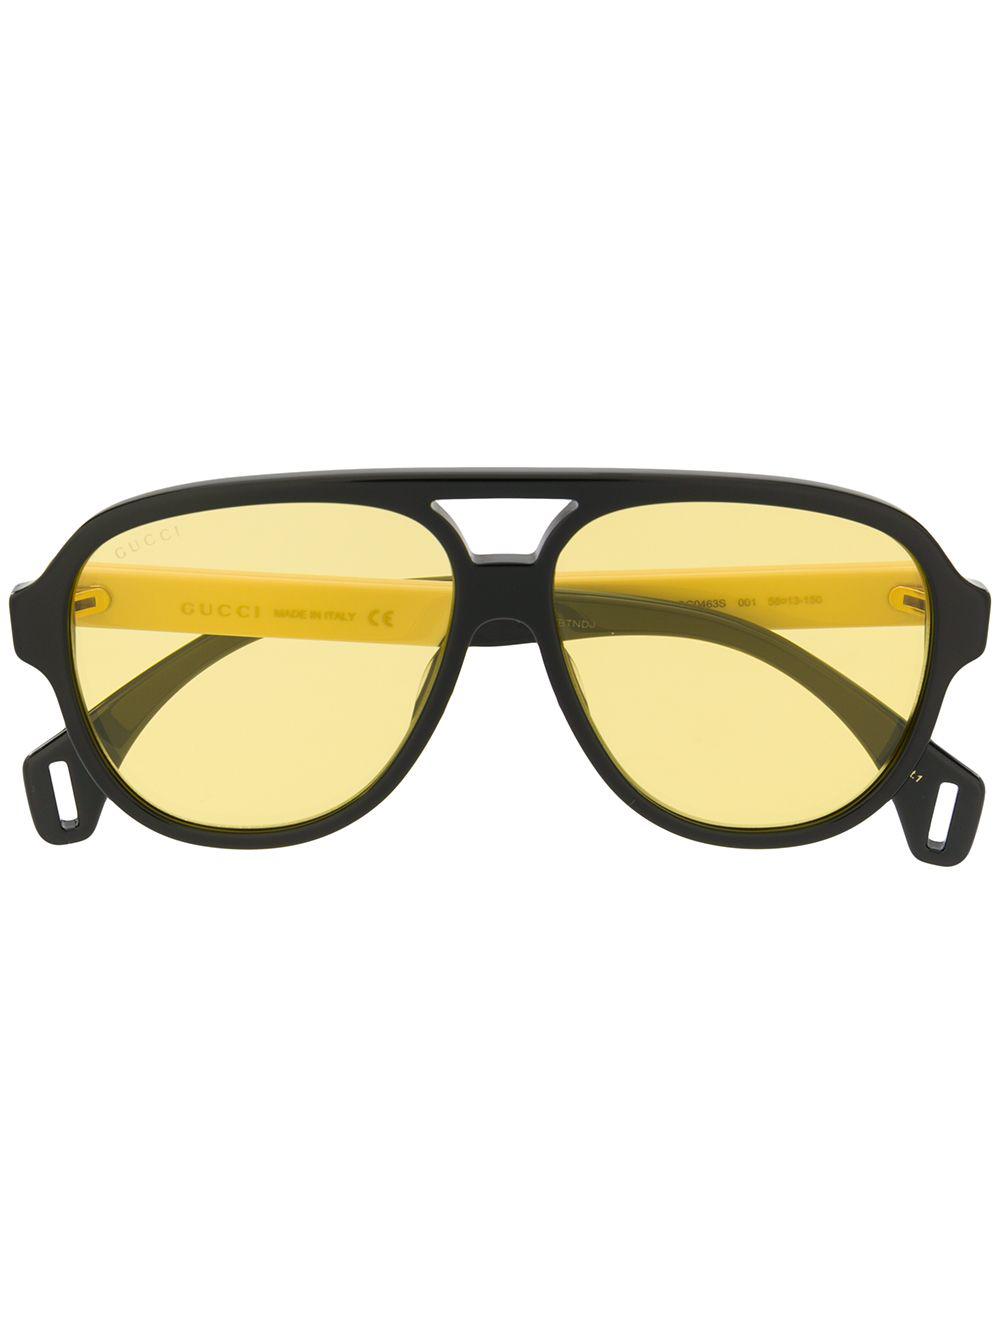 23137545495 Gucci Eyewear Logo Aviator Sunglasses - Black. Farfetch